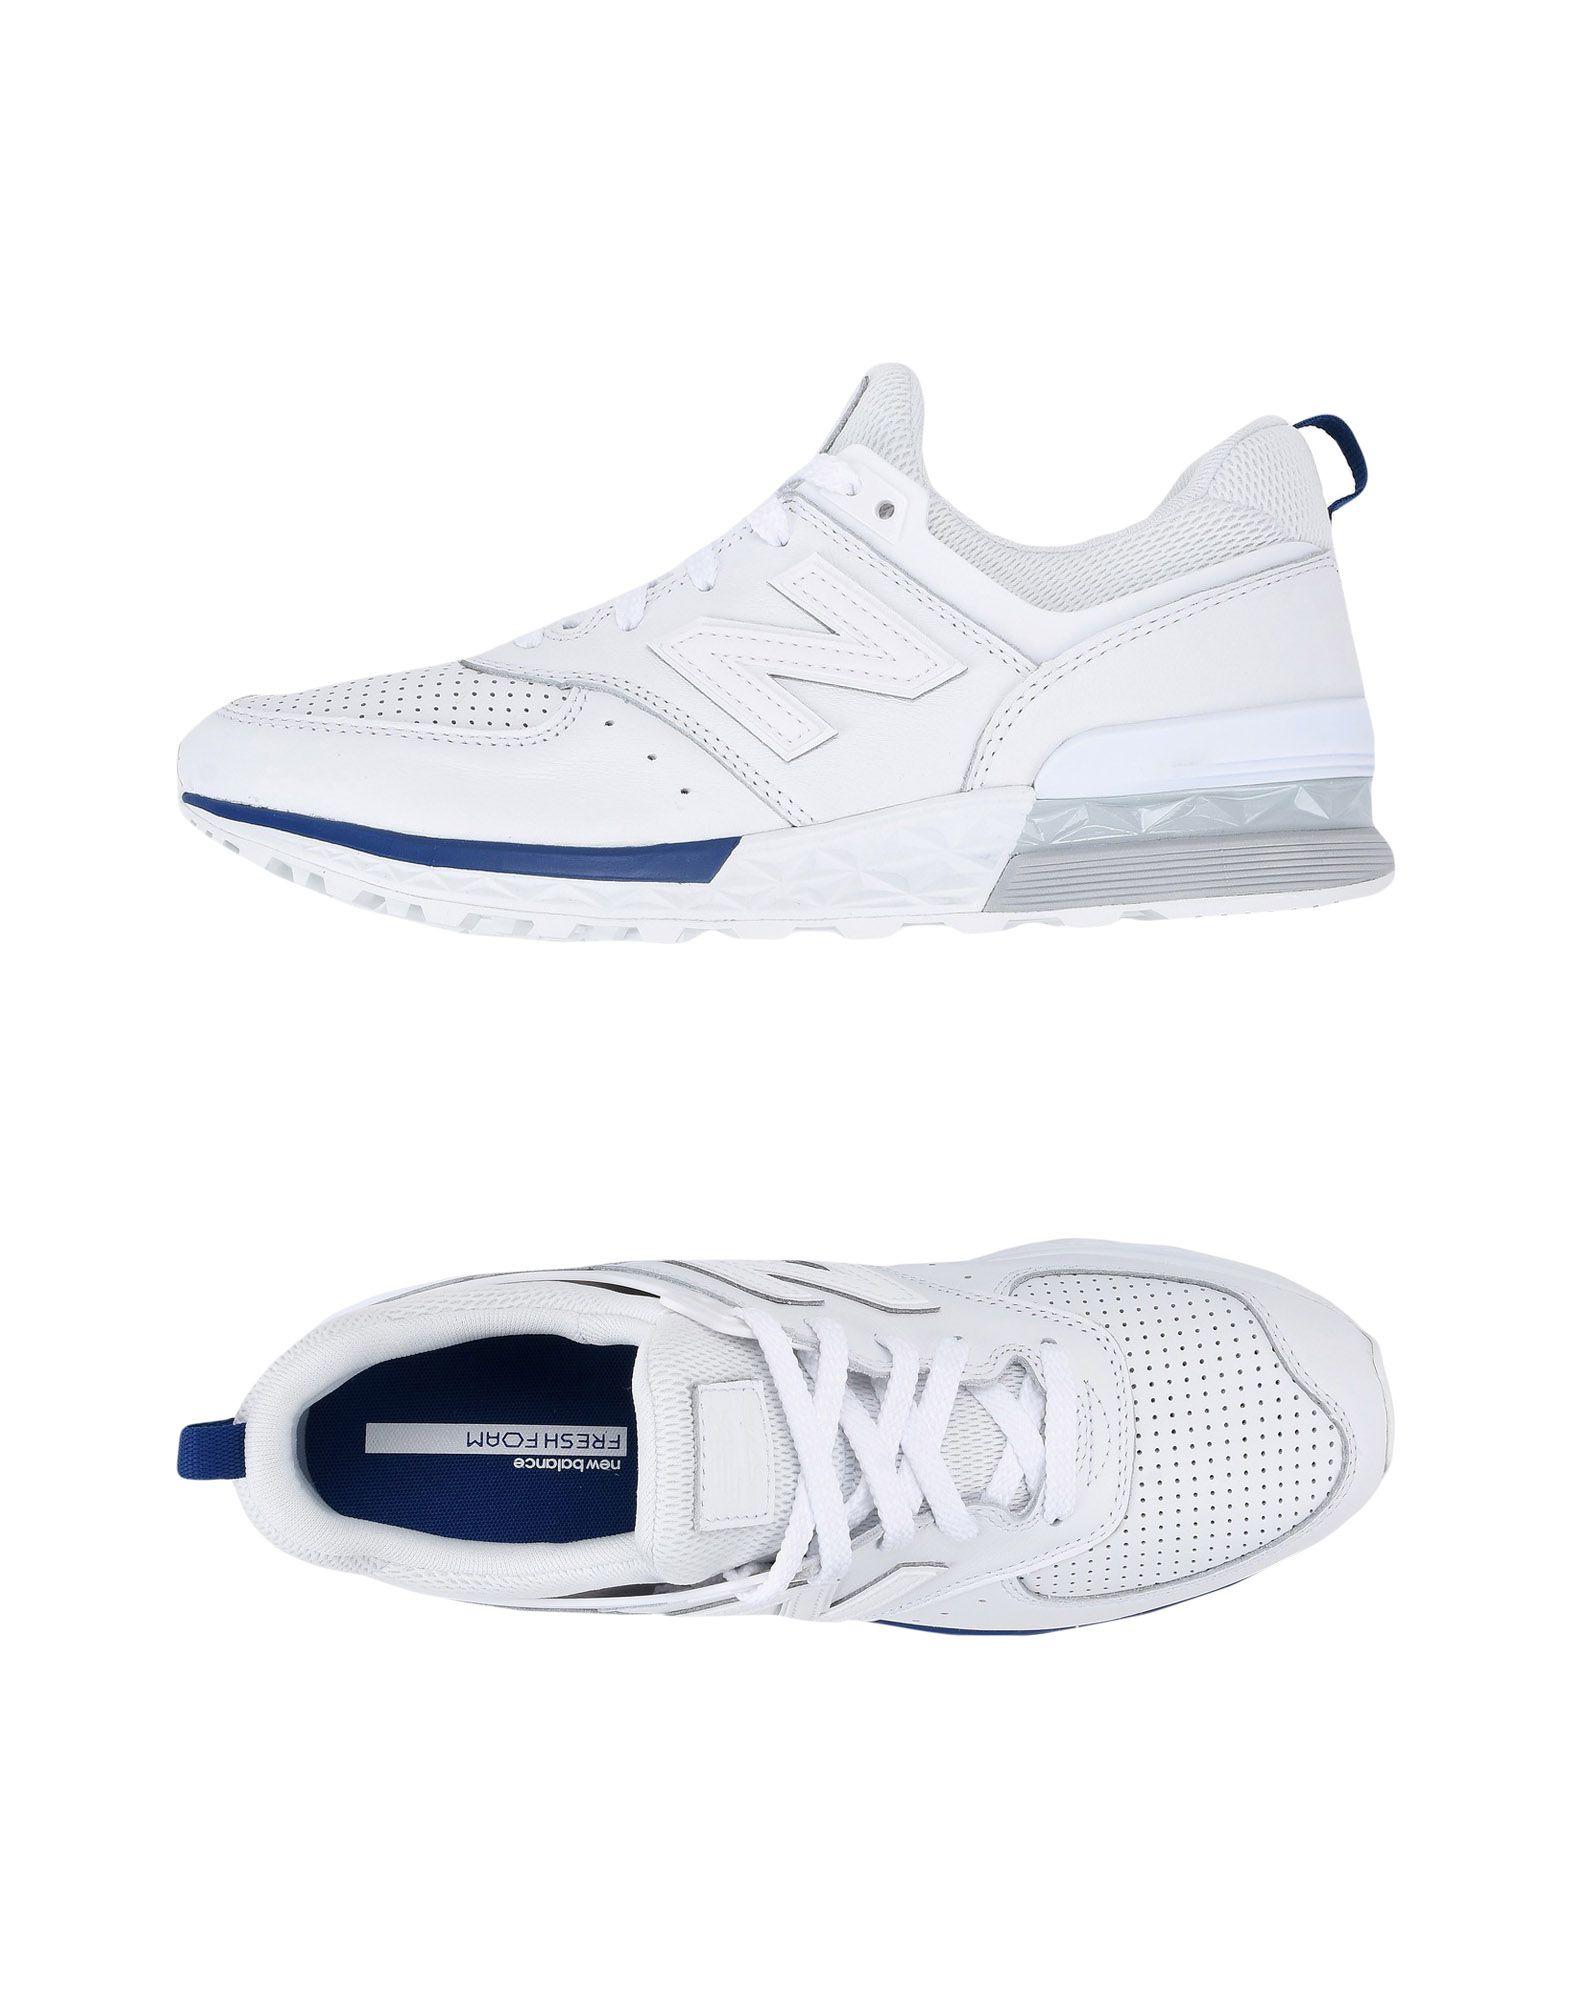 Sneakers New Balance 574 Sport Suede Perf - Uomo - 11504261UW